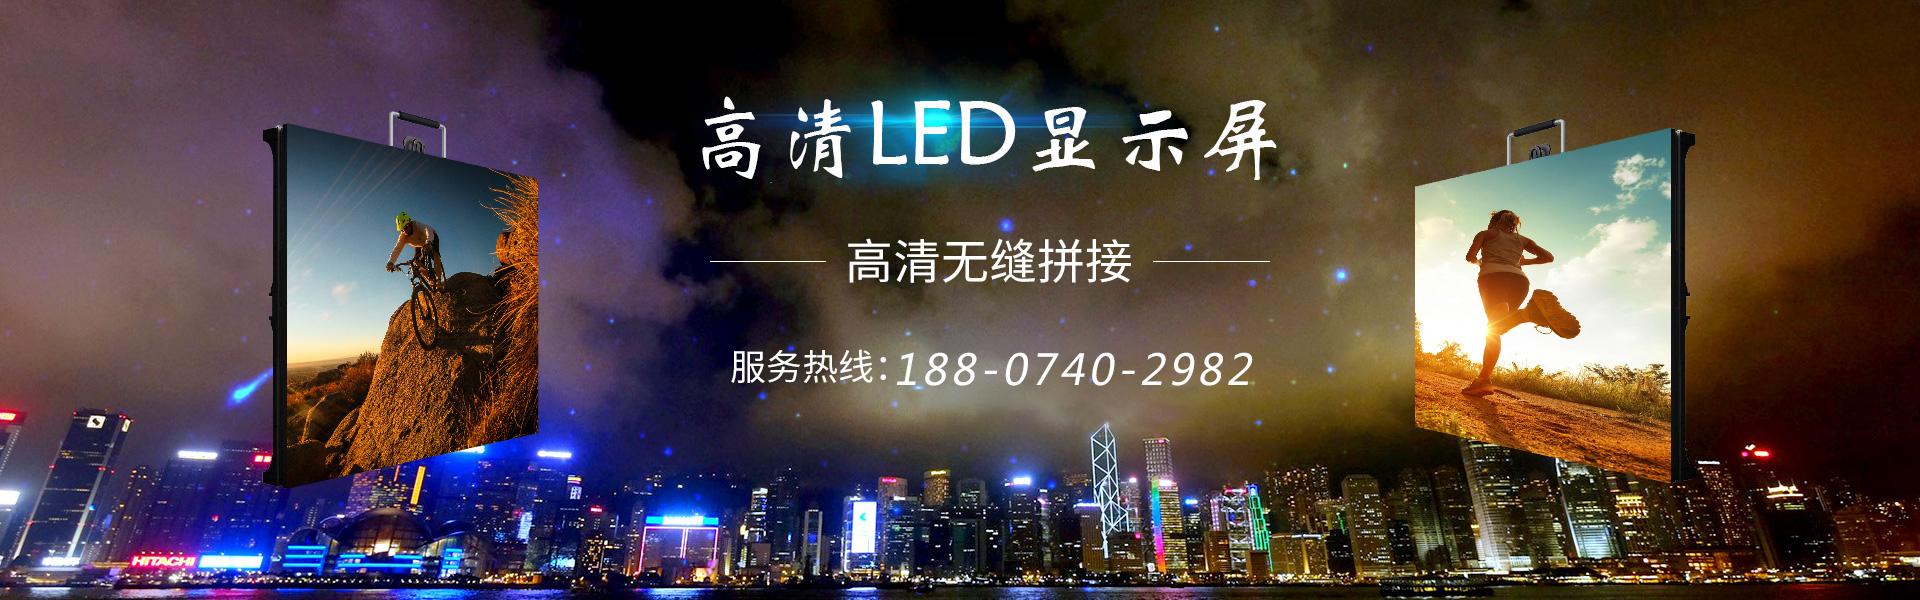 湖南LED顯示屏